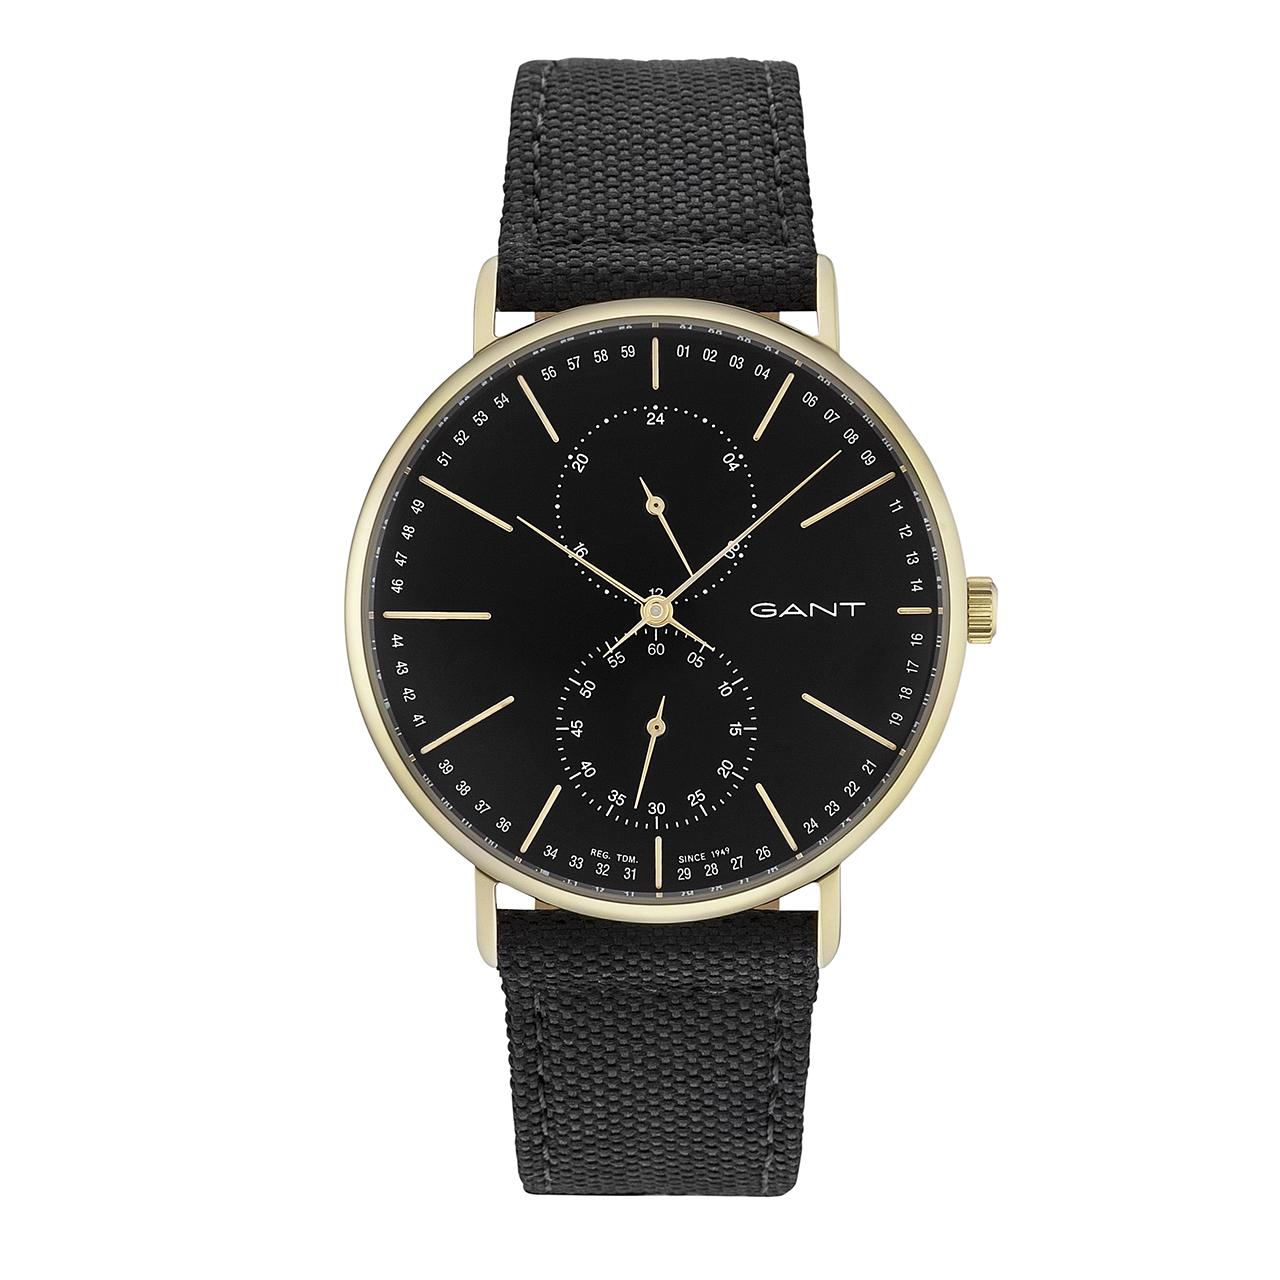 ساعت مچی عقربه ای مردانه گنت مدل GW036006